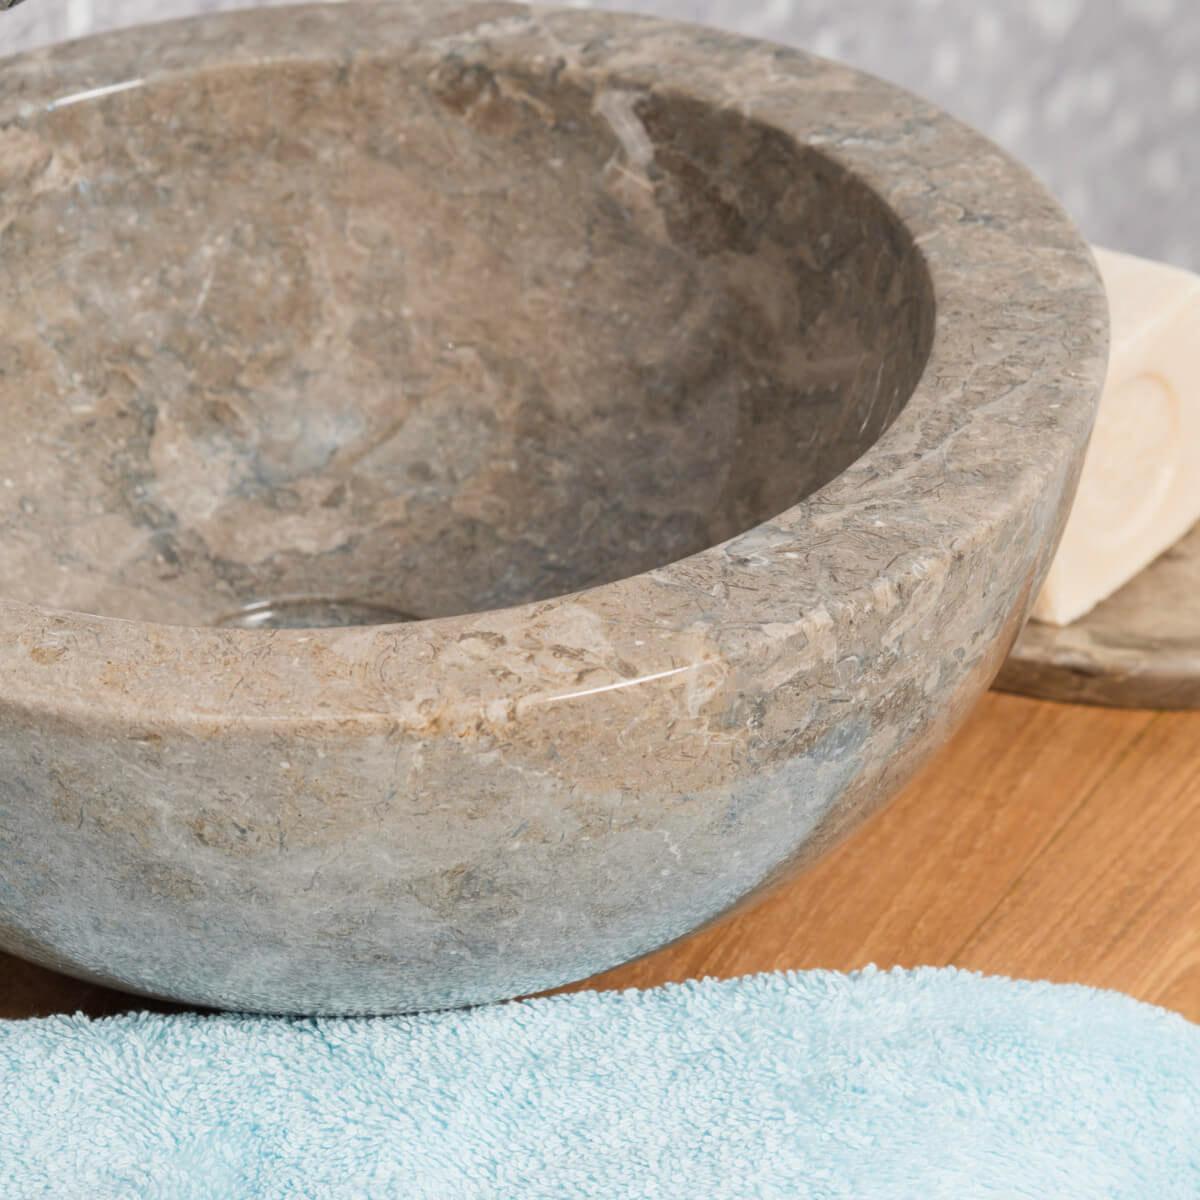 Lavabo encimera redondo barcelona de m rmol color gris 30cm for Marmol color gris